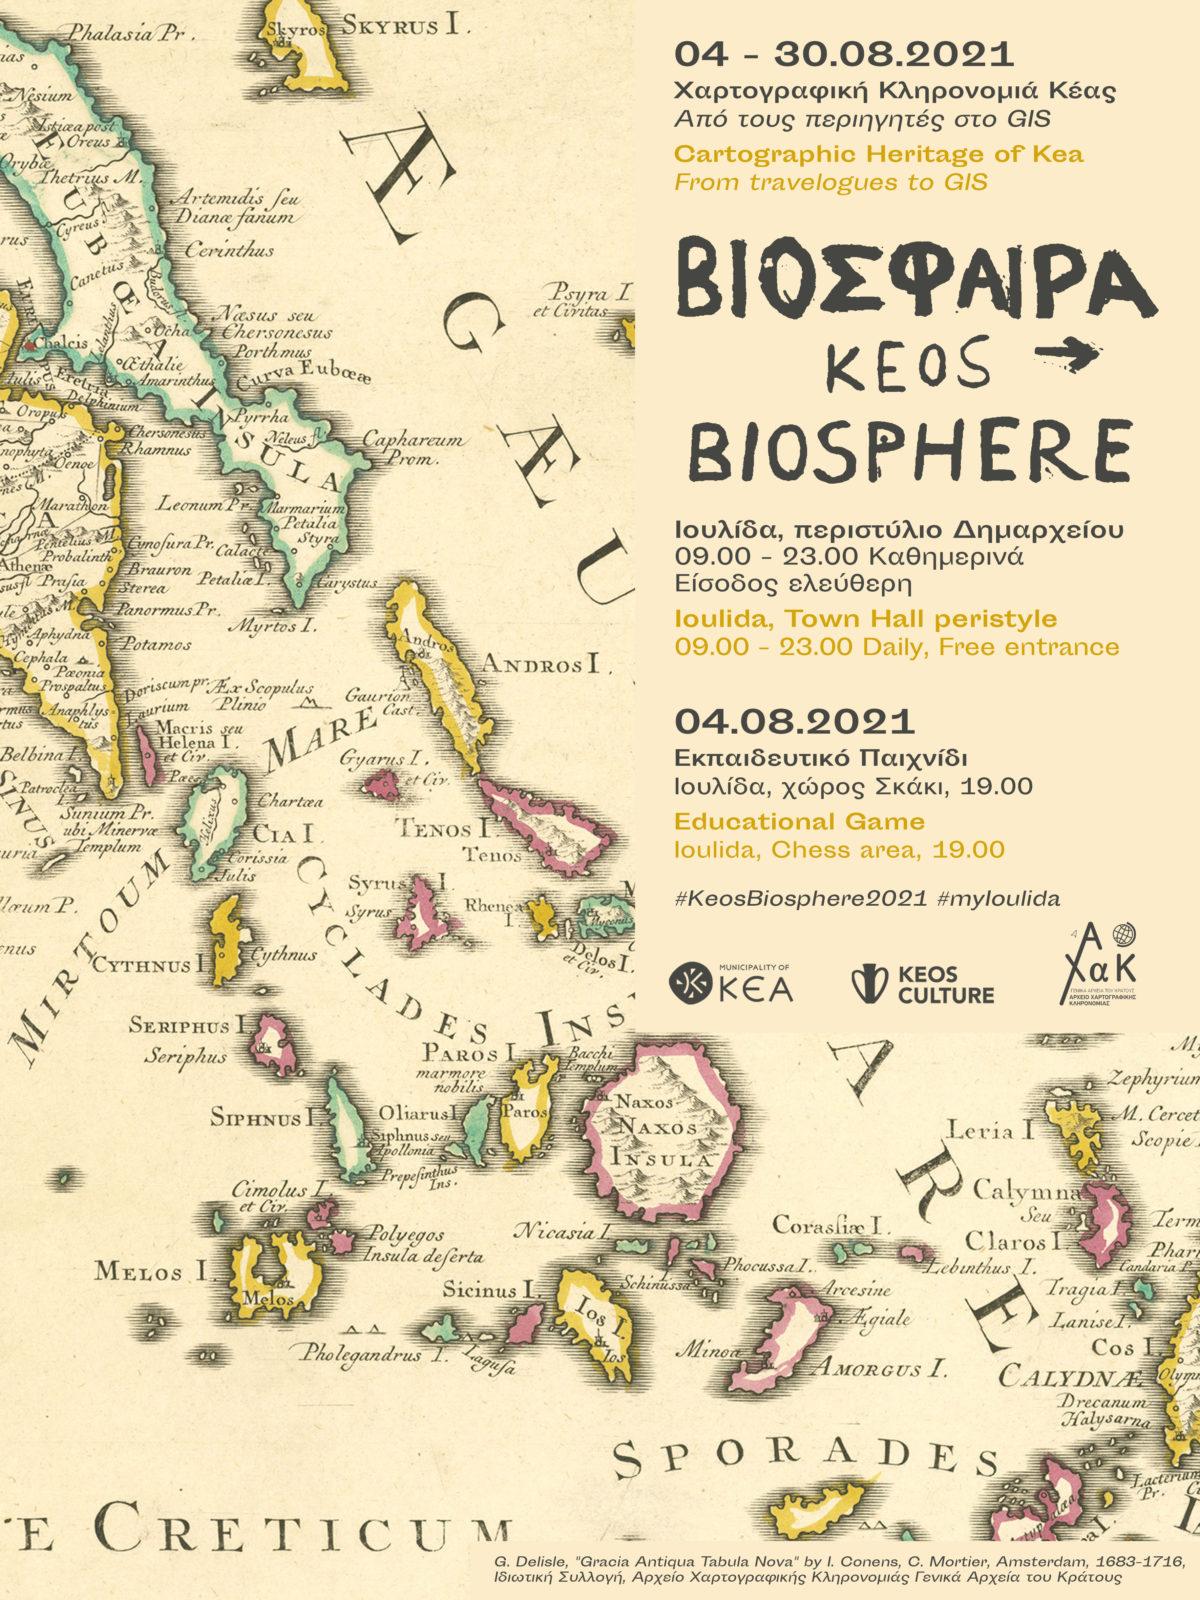 poster biosphere keos 2021